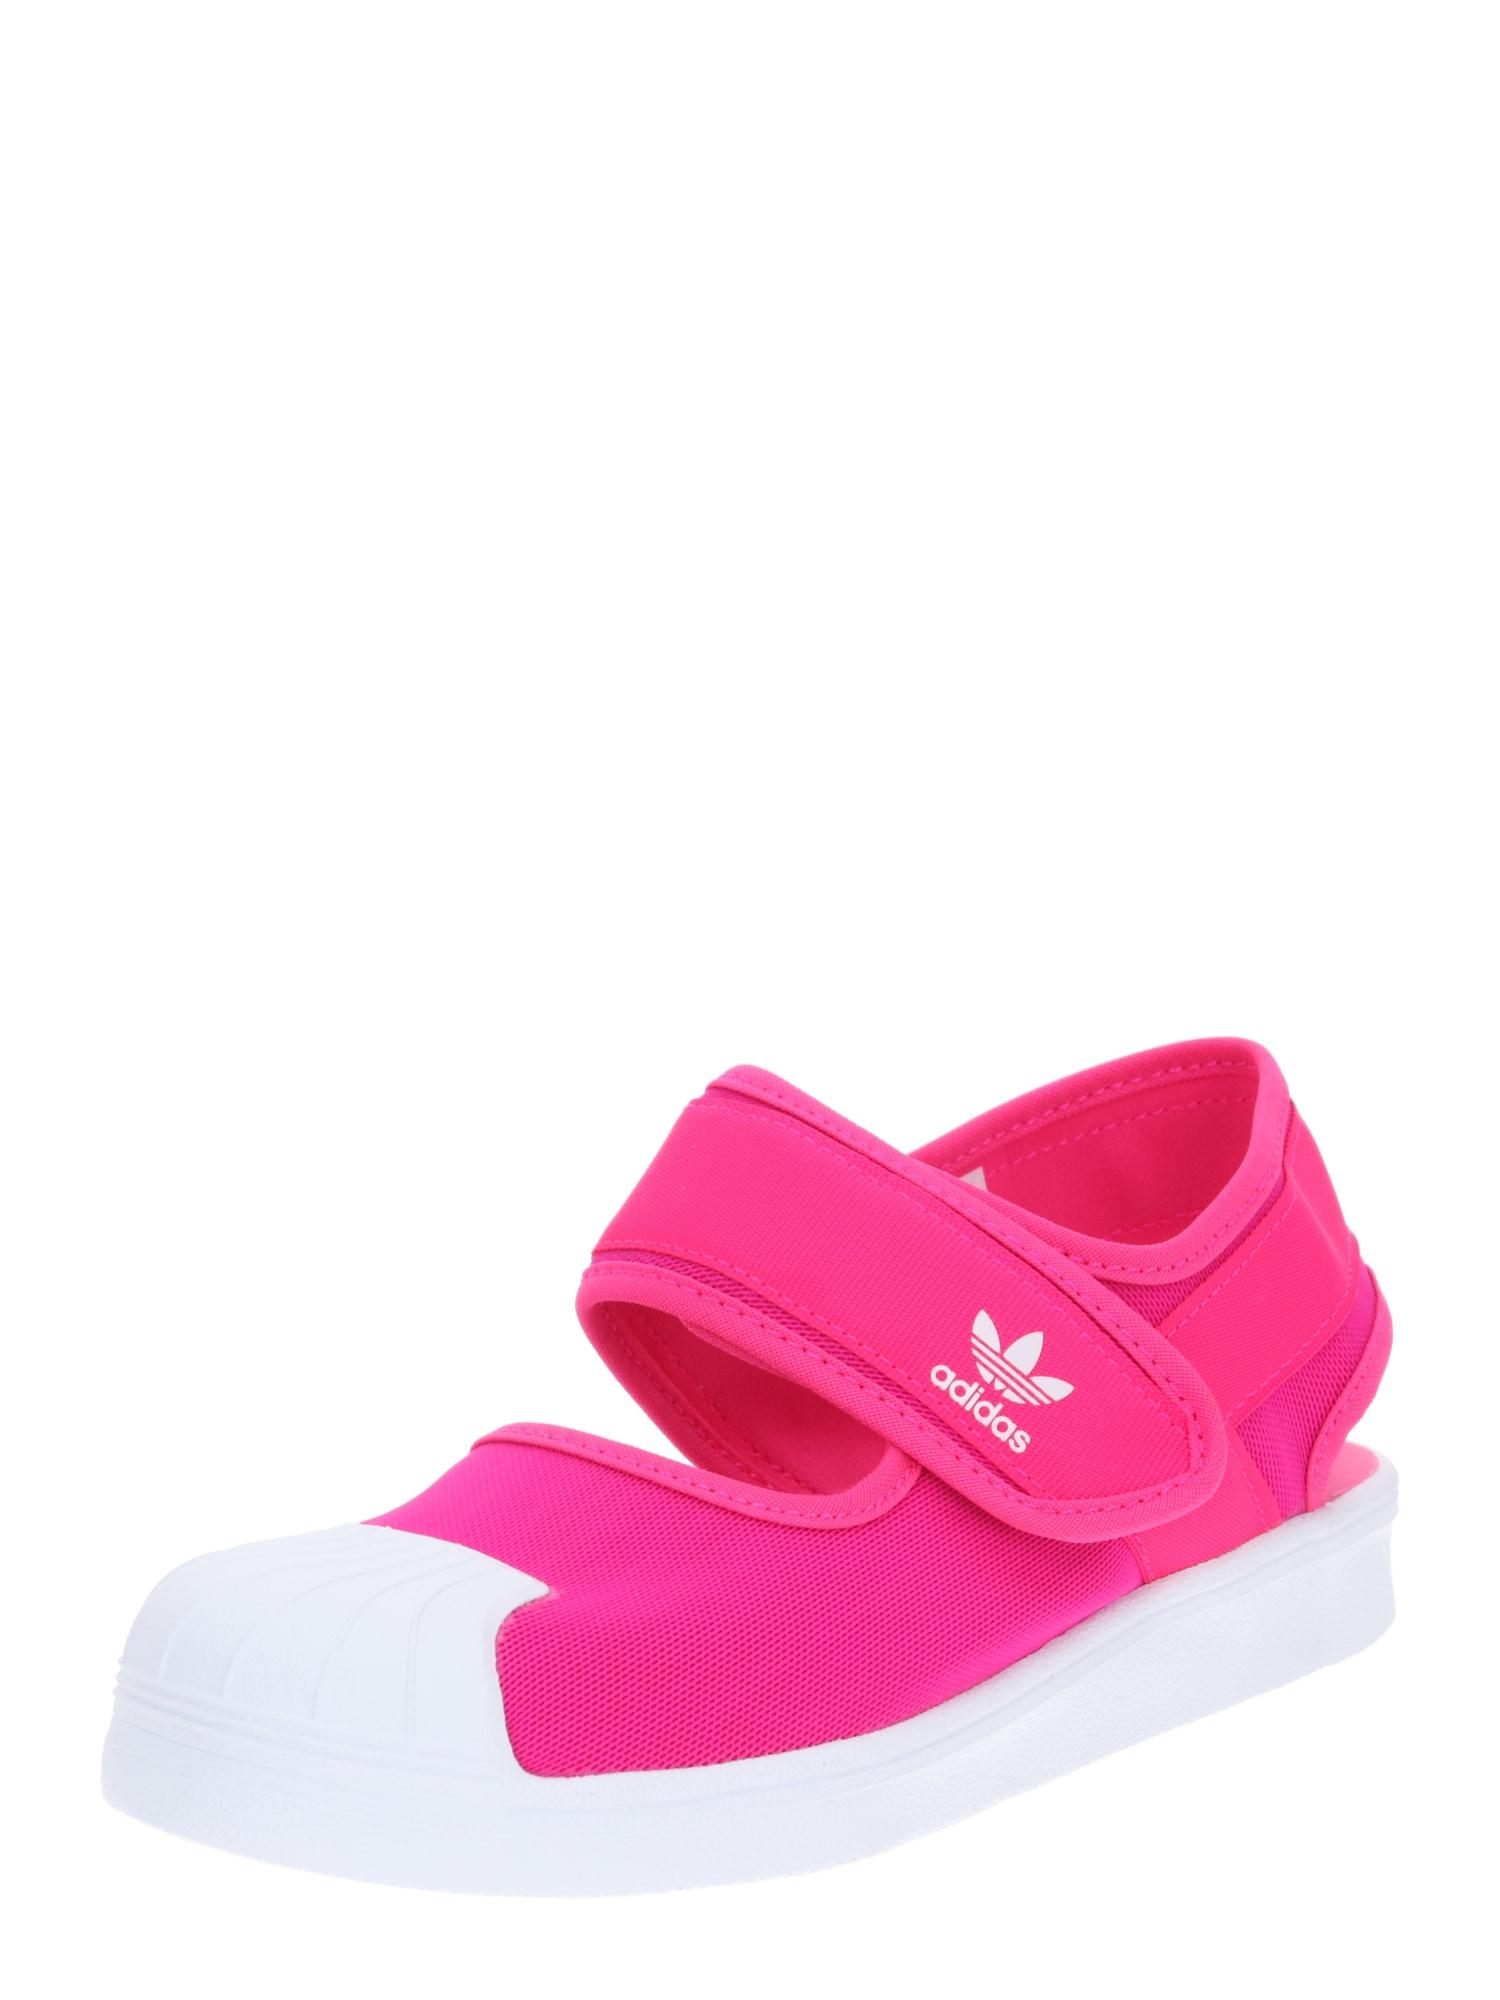 ADIDAS ORIGINALS Atviri batai